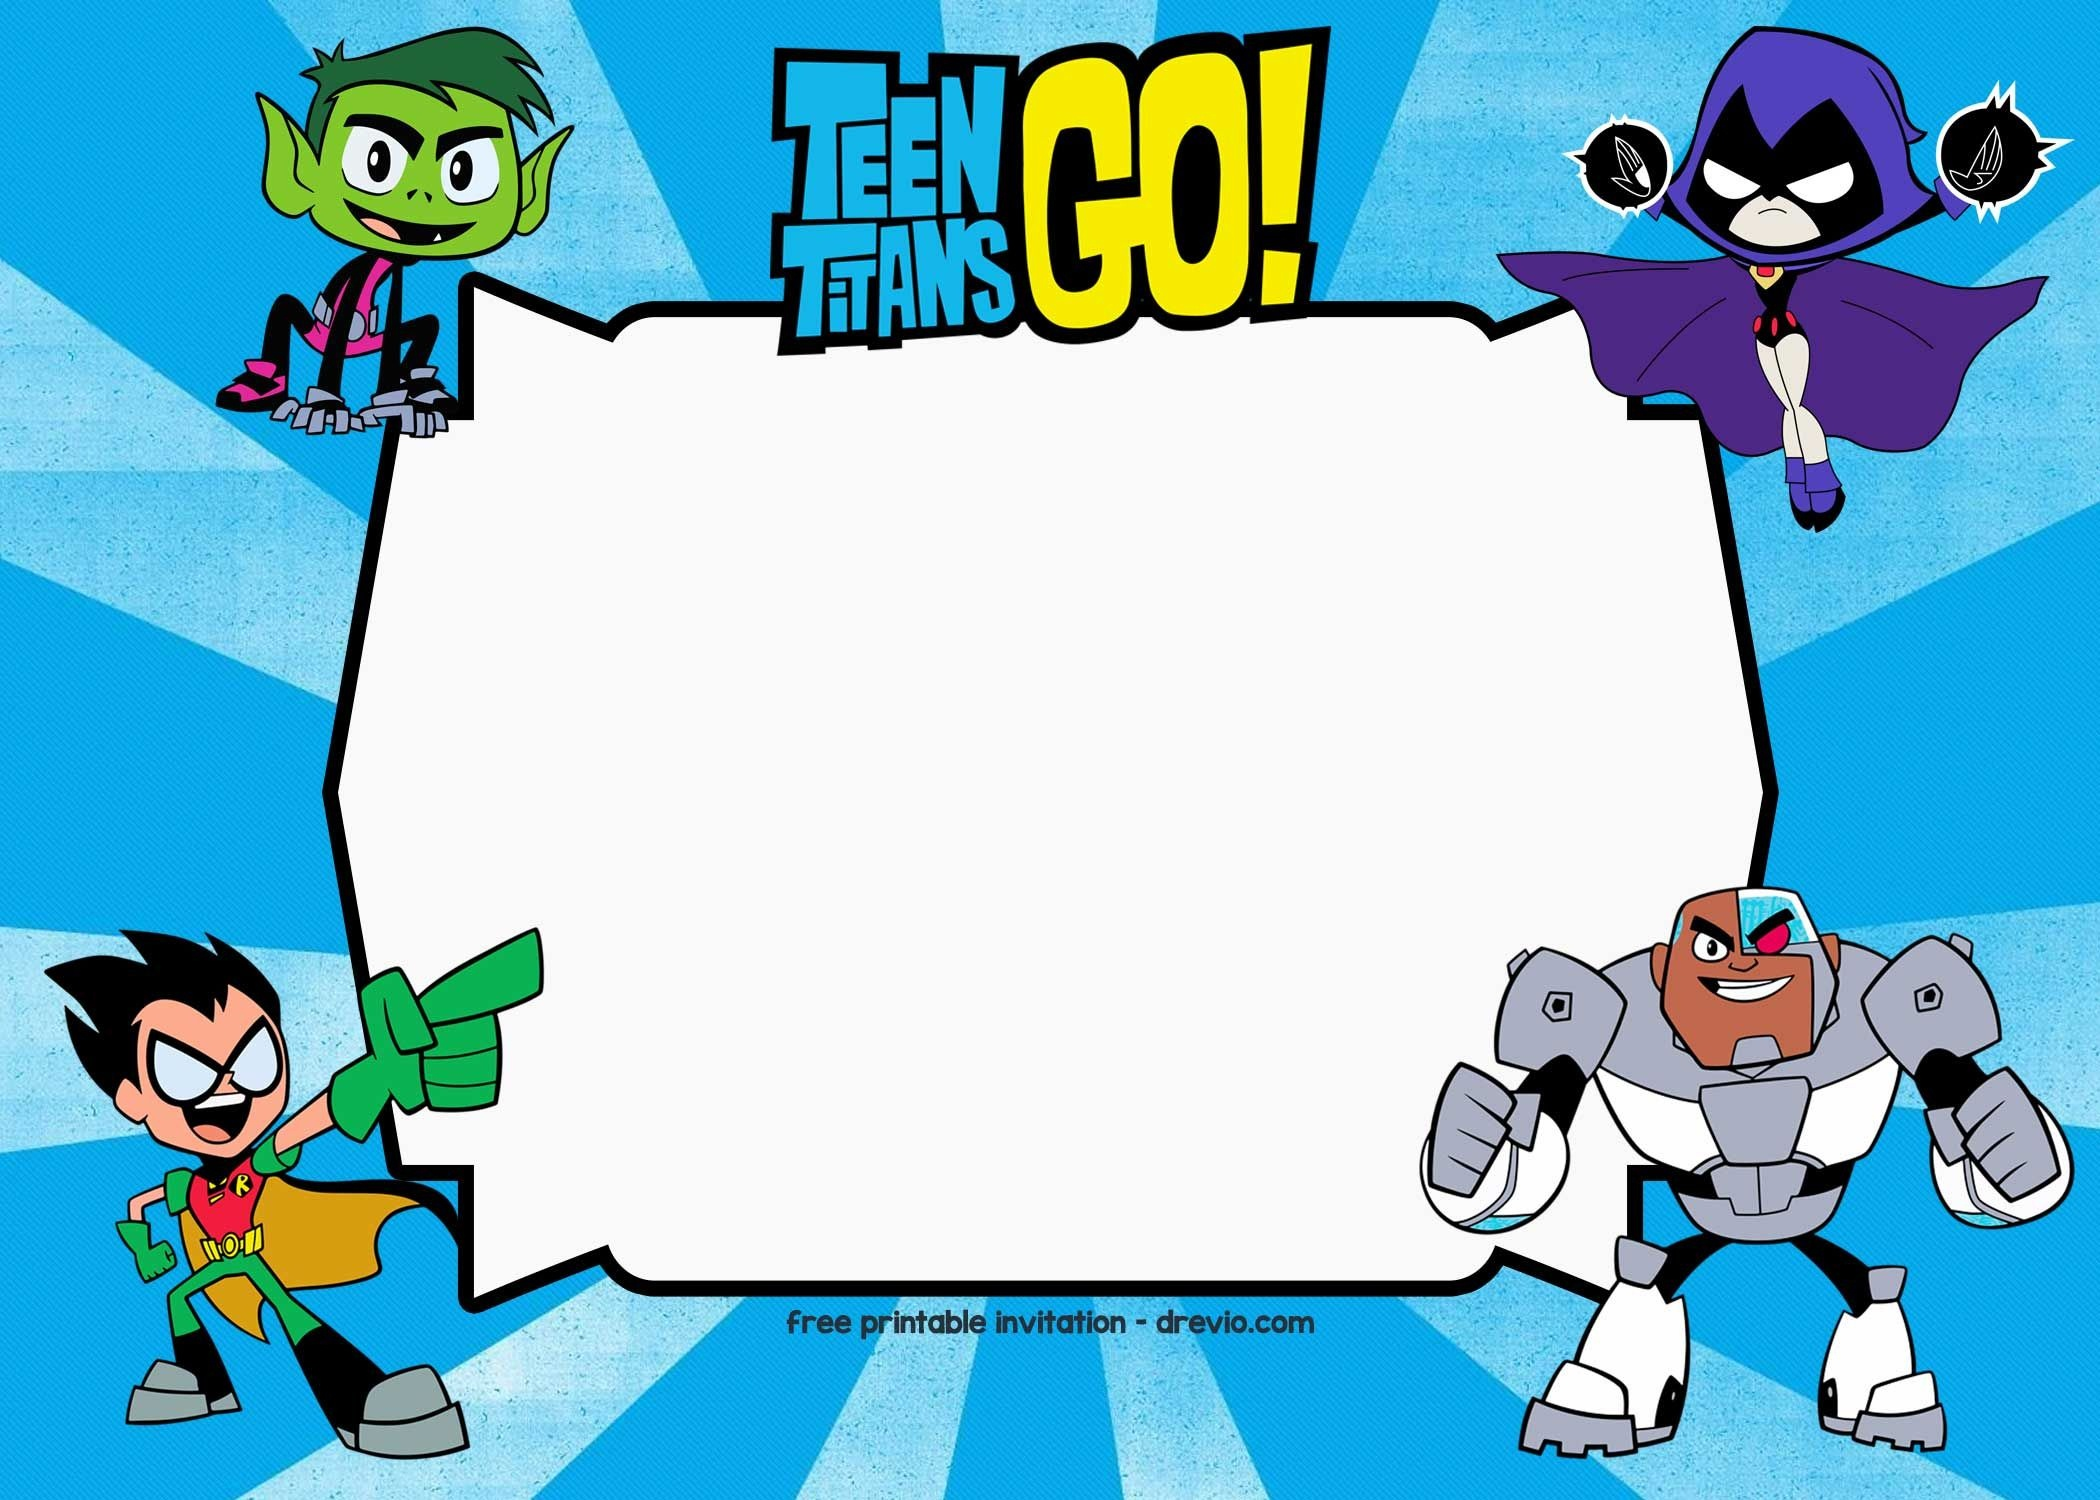 Free Printable Teen Titans Go Birthday Invitation | Free - Free Printable Superhero Birthday Invitation Templates